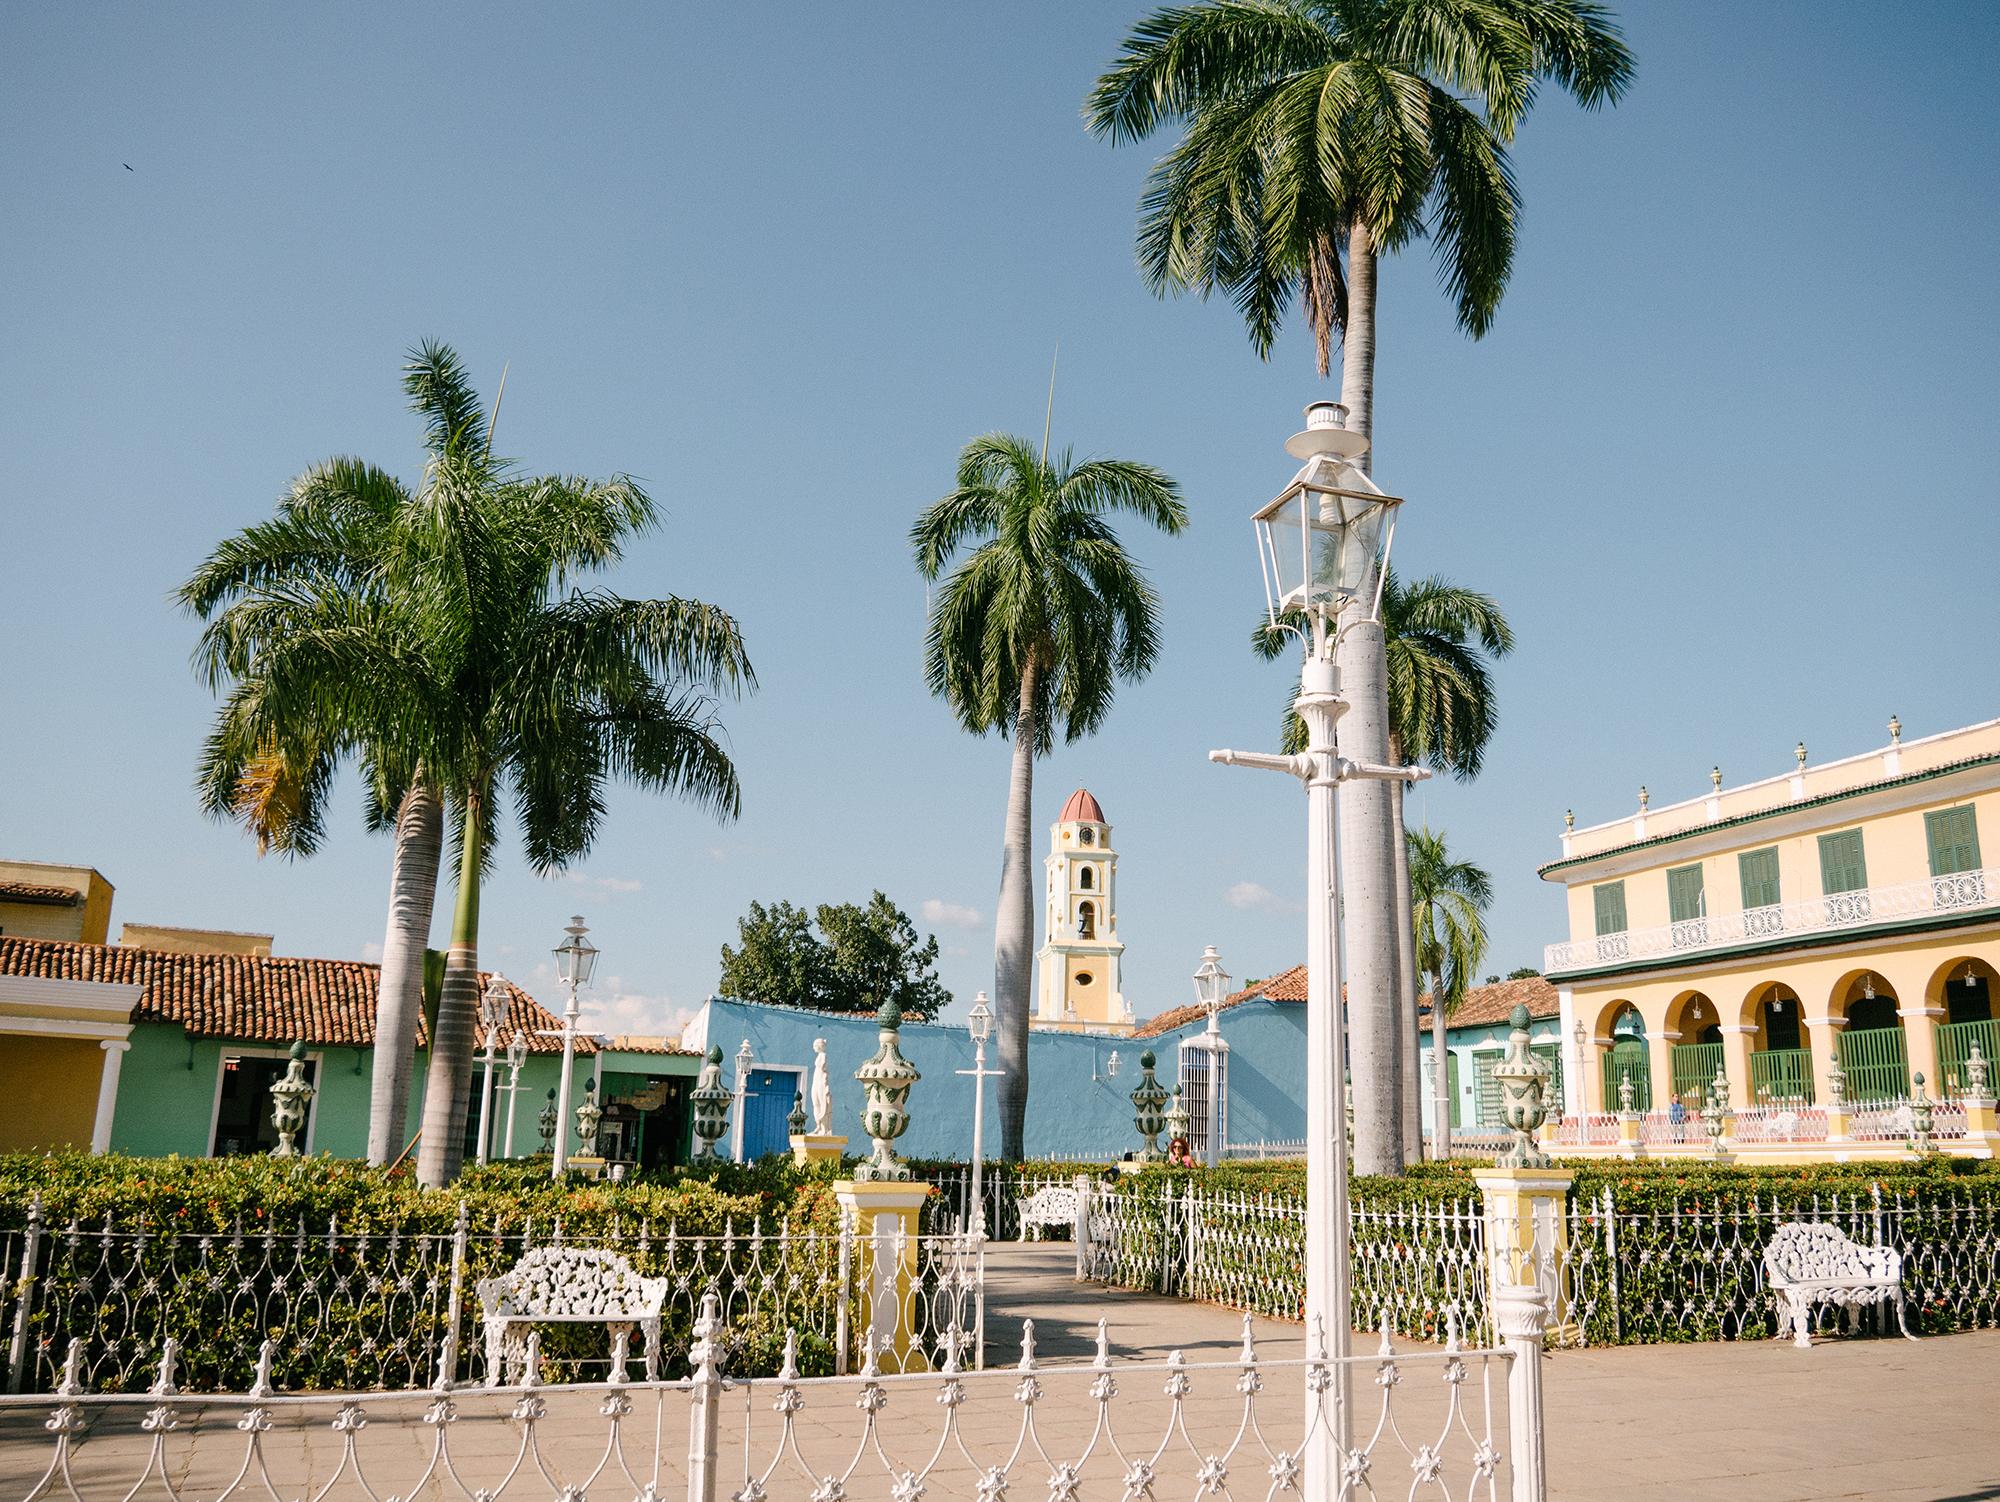 what-tosee-in-trinidad-cuba-plaza-mayor.jpg